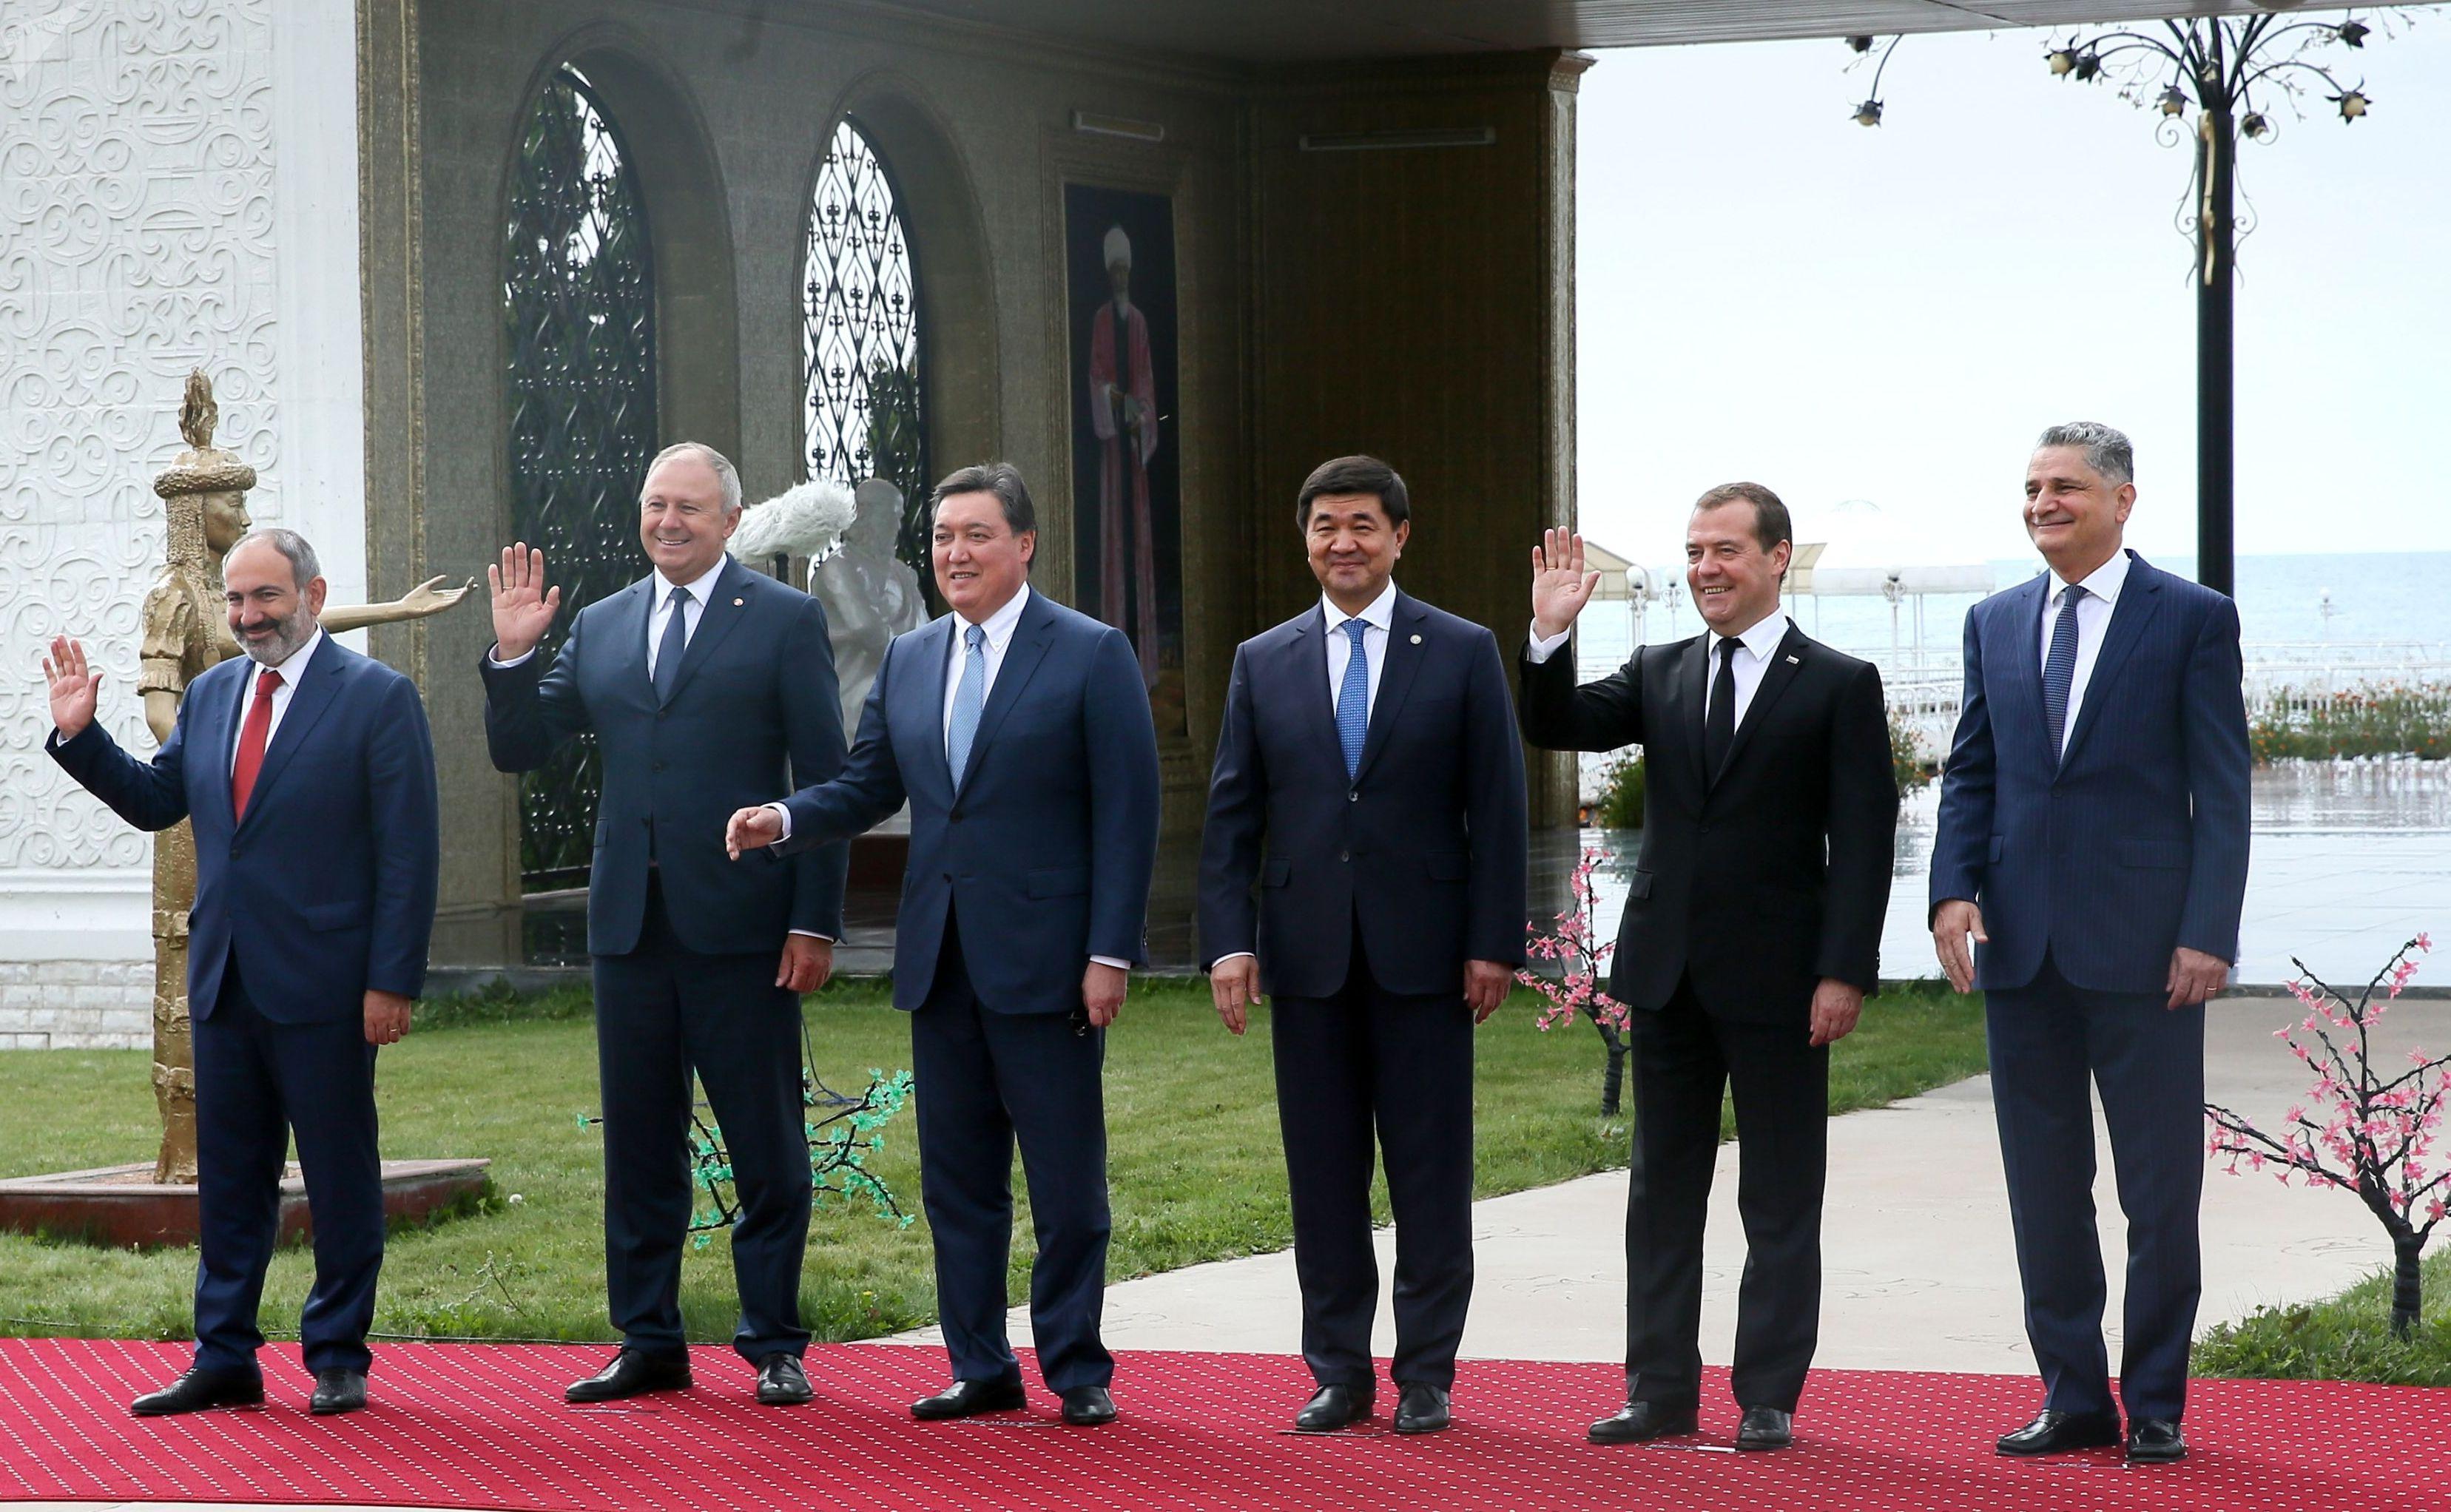 Премьер-министр Армении Никол Пашинян, премьер-министр Беларуси Сергей Румас, премьер-министр Казахстана Аскар Мамин и премьер-министр Кыргызстана Мухаммедкалый Абылгазиев